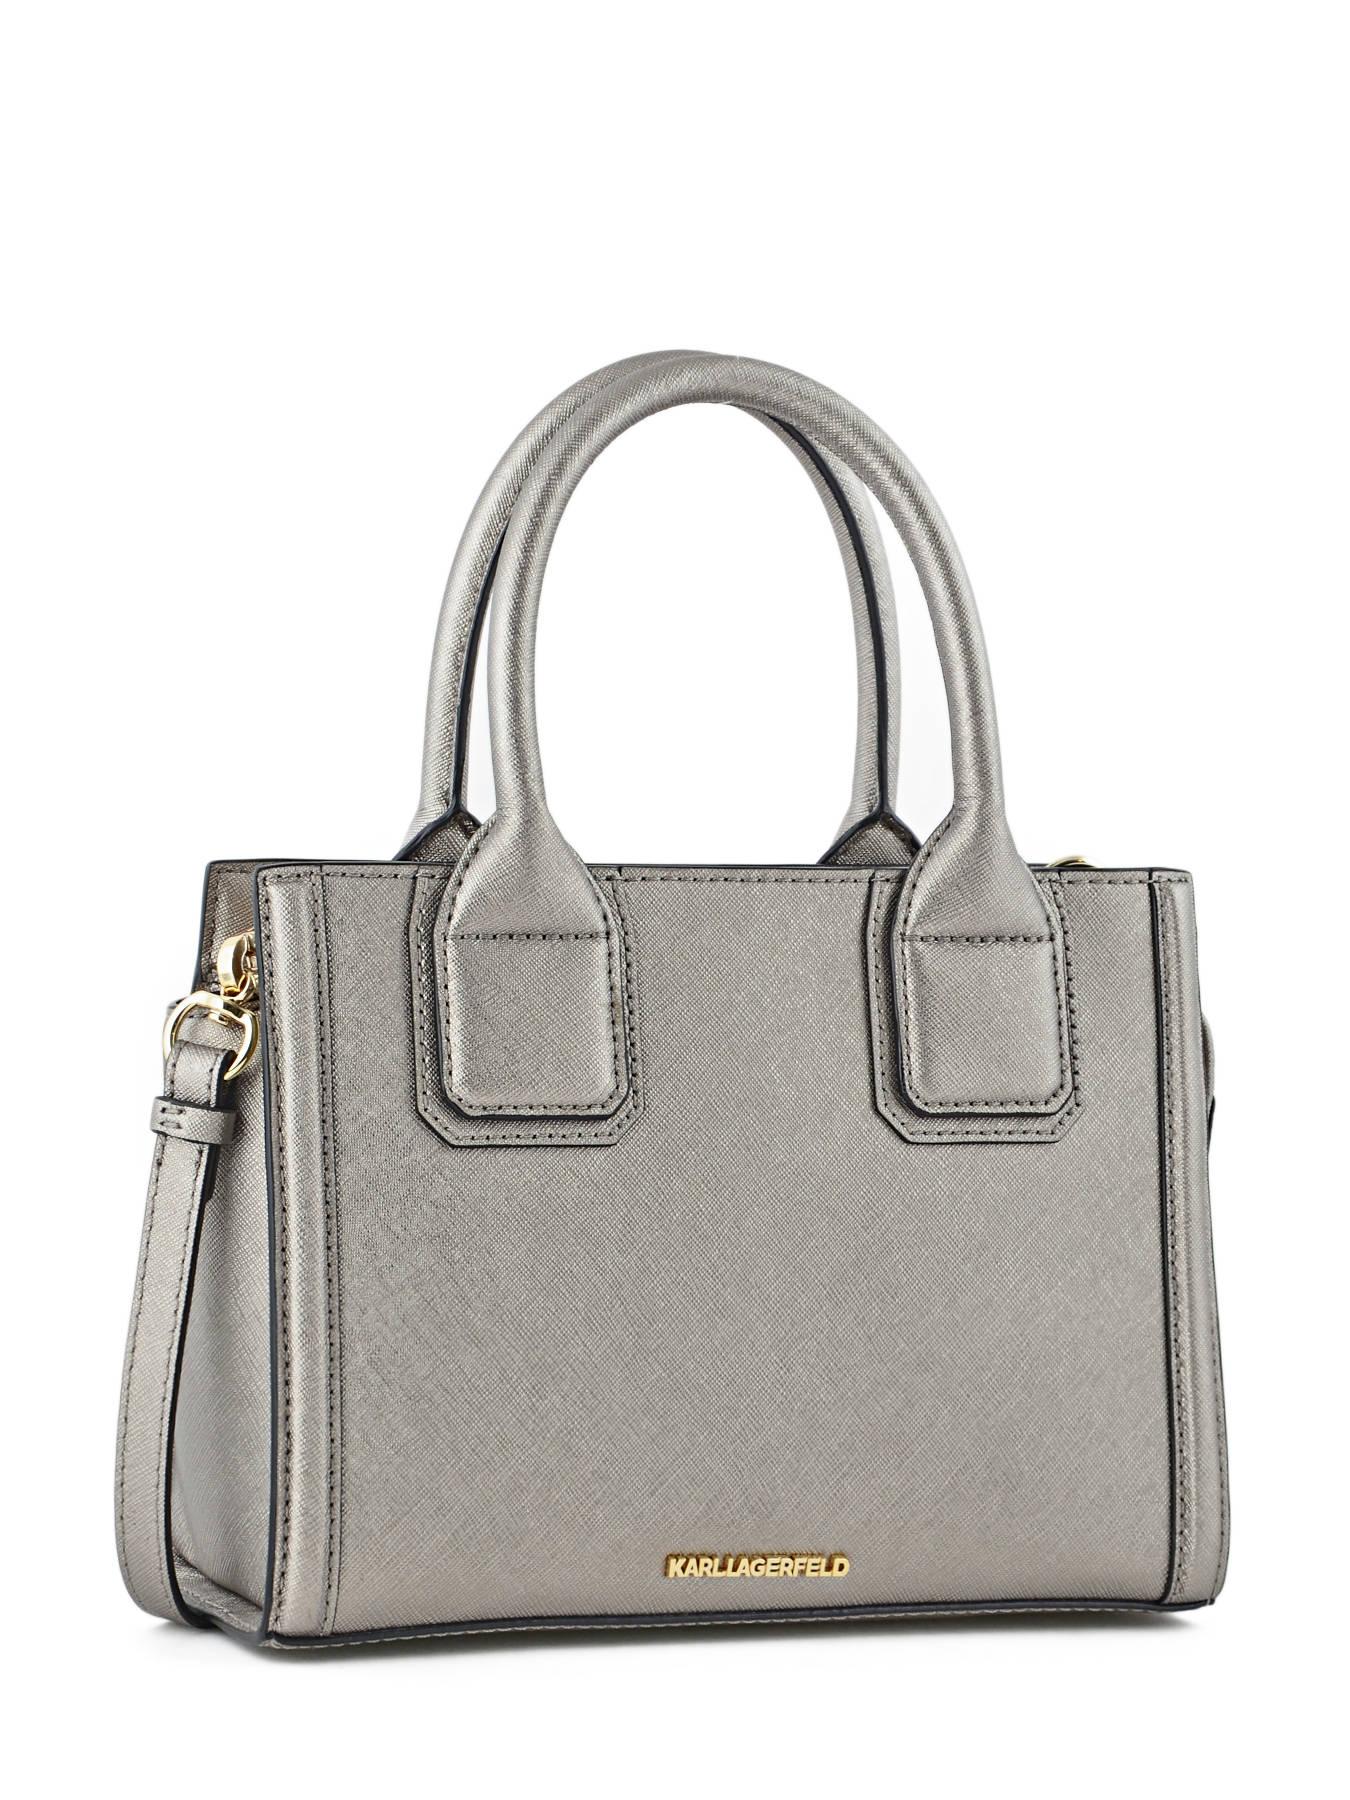 Top Handle Klassik Leather Karl lagerfeld Gray klassik 66KW3006